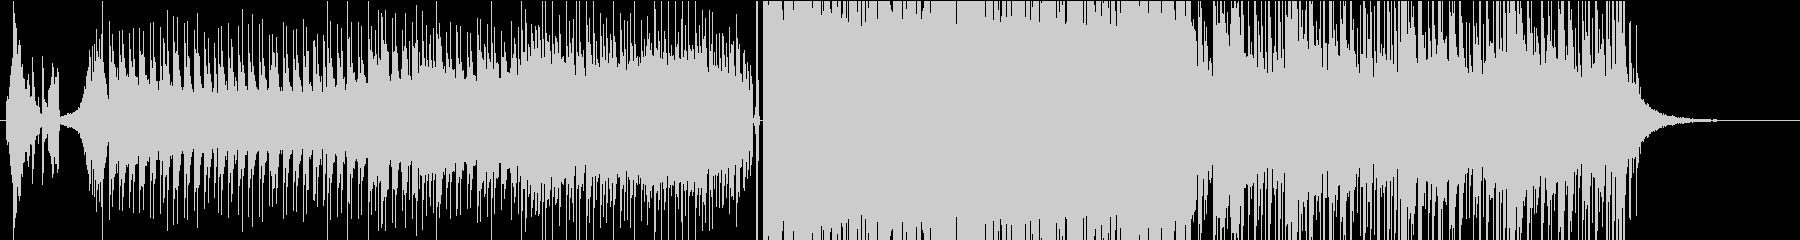 キラキラの未再生の波形